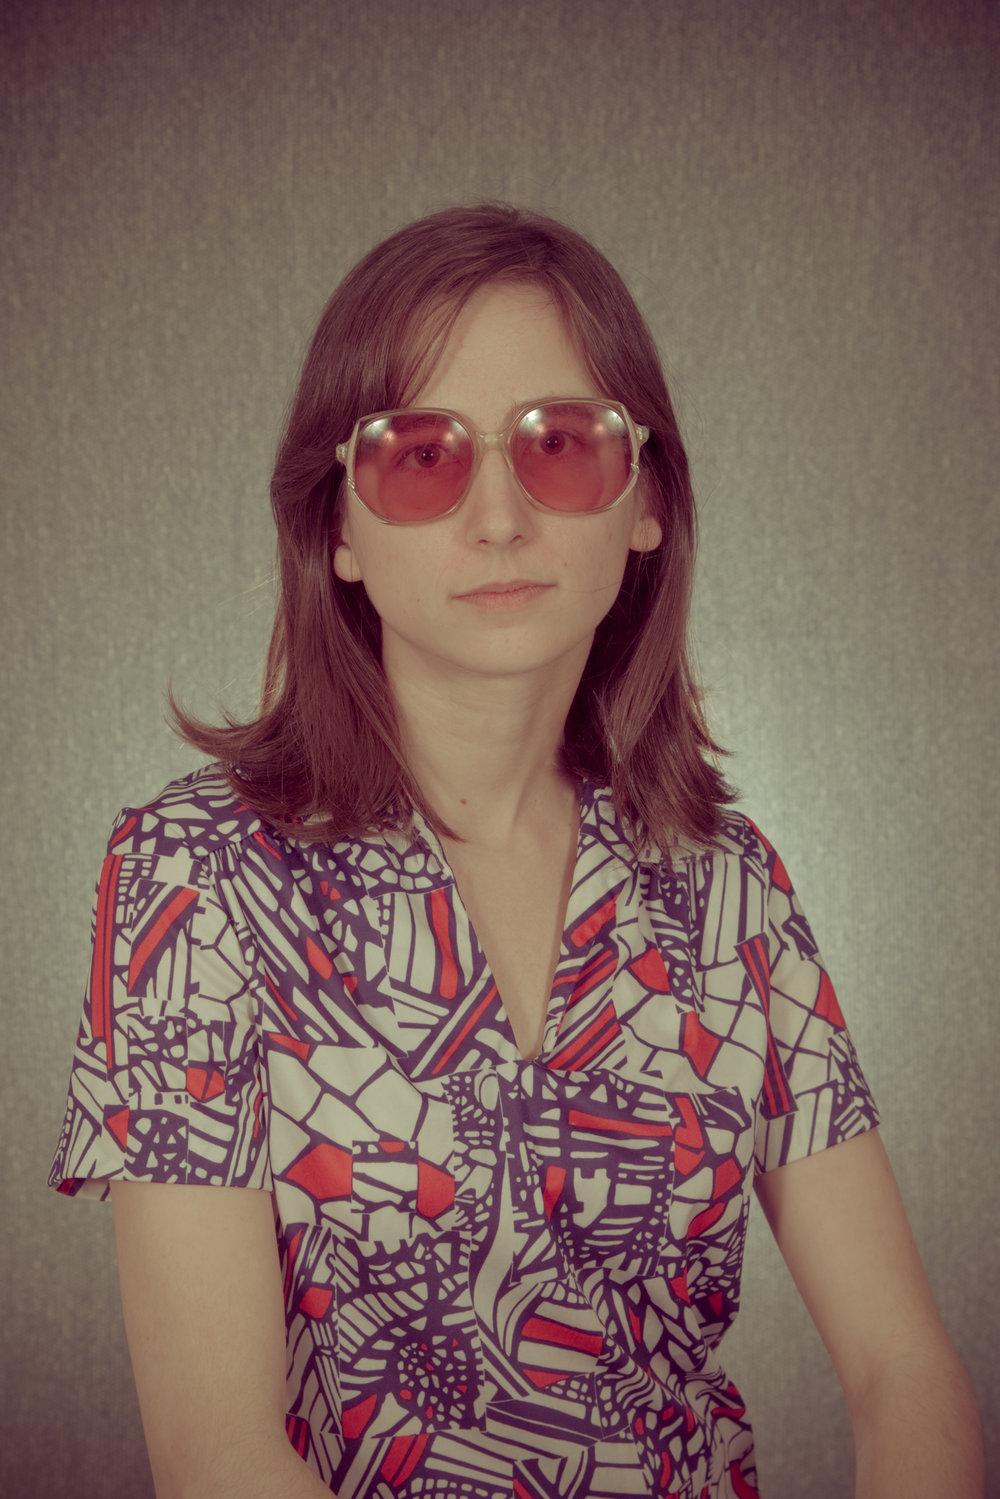 Glenda Dwimmer